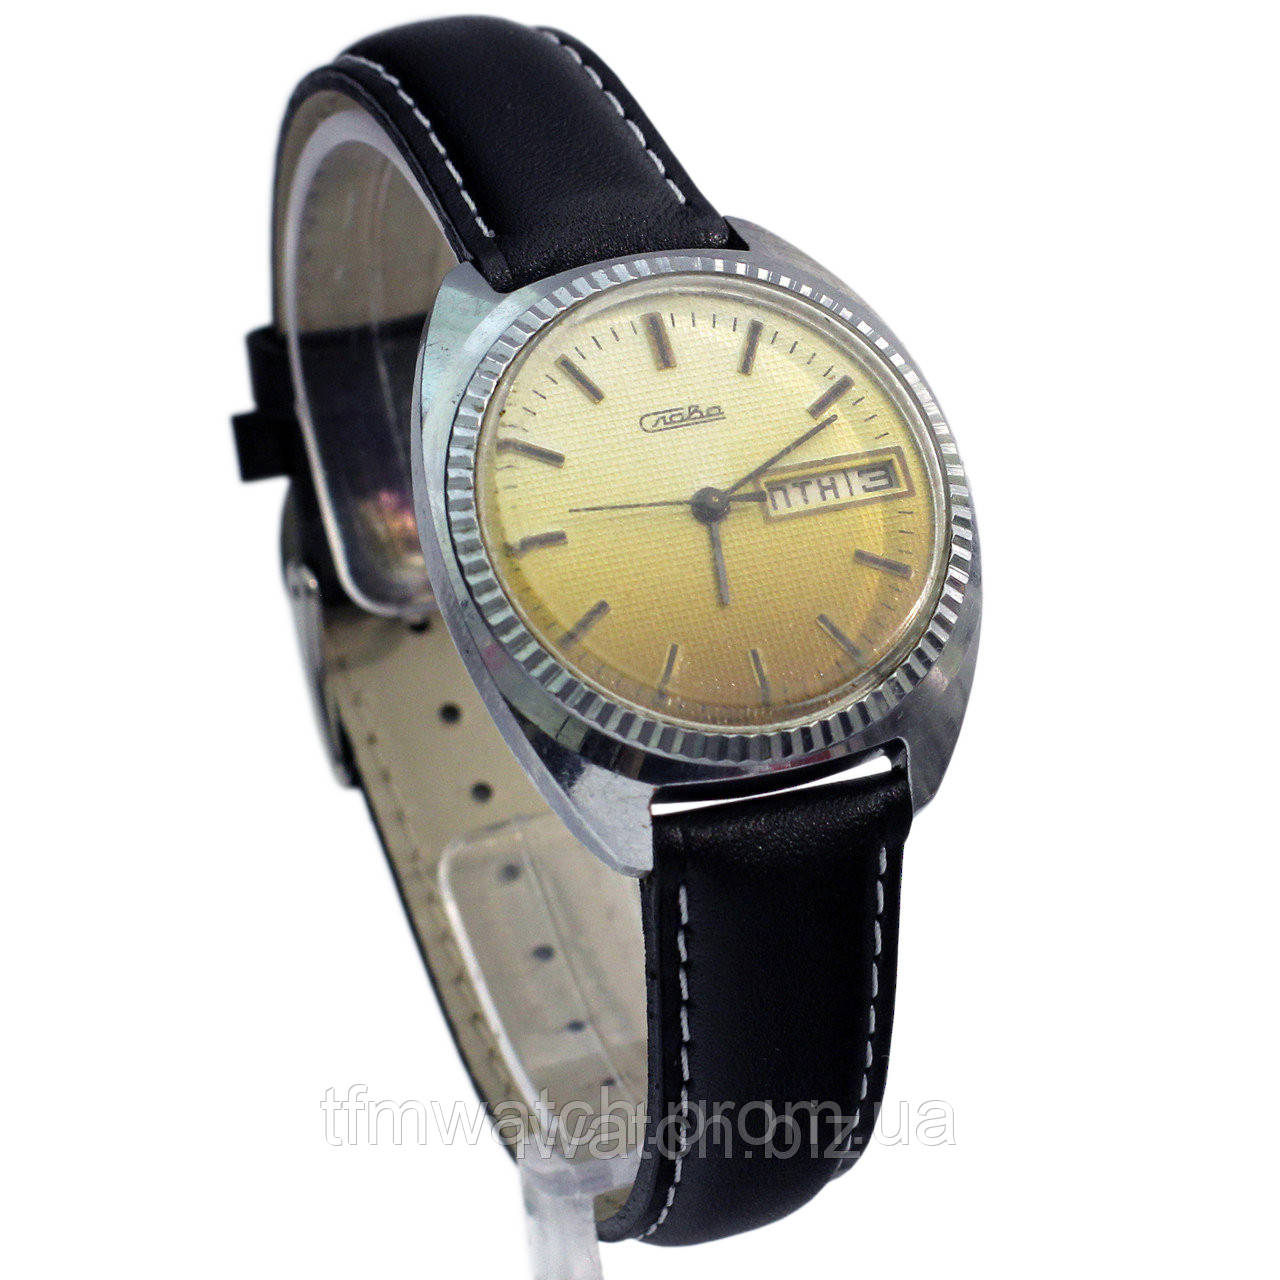 Наручные часы Слава двойной календарь  продажа, цена в Москве. часы ... 1f800341670